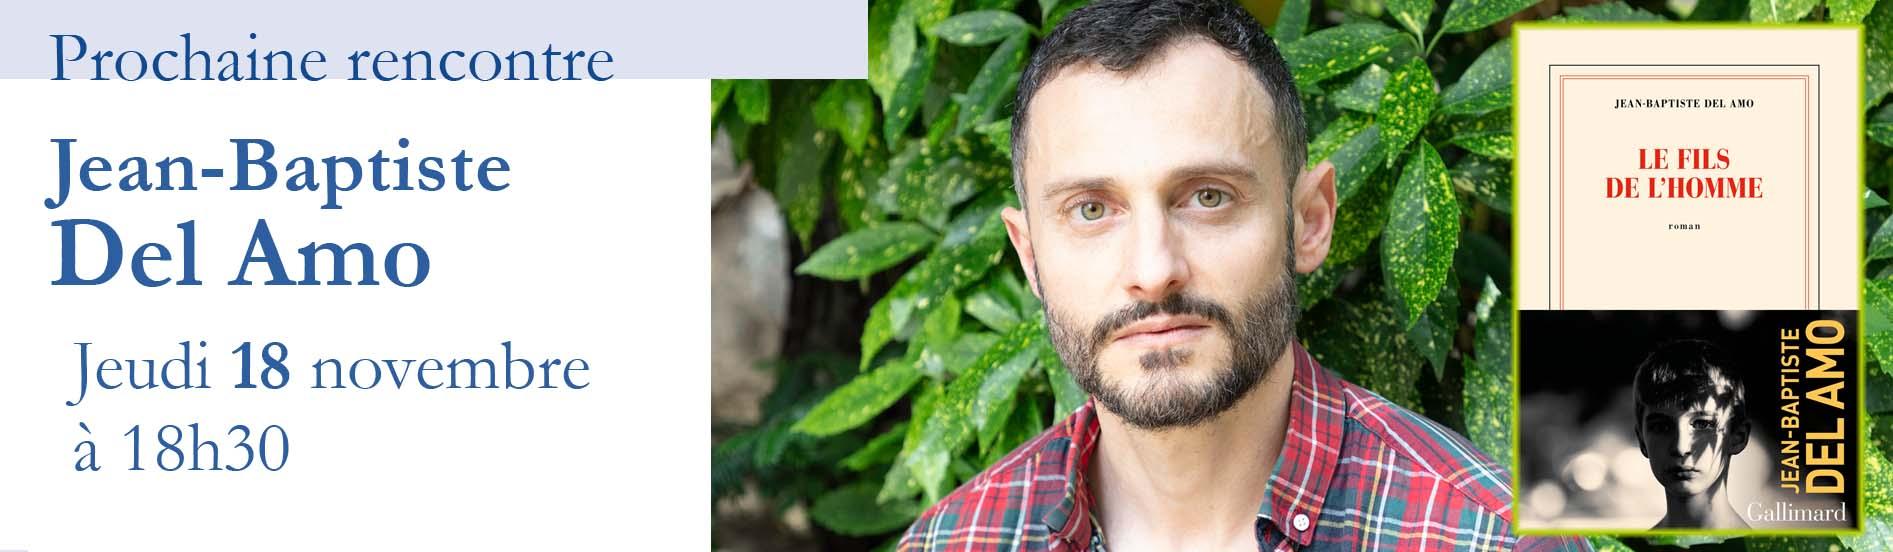 Rencontre avec Jean-Baptiste Del Amo